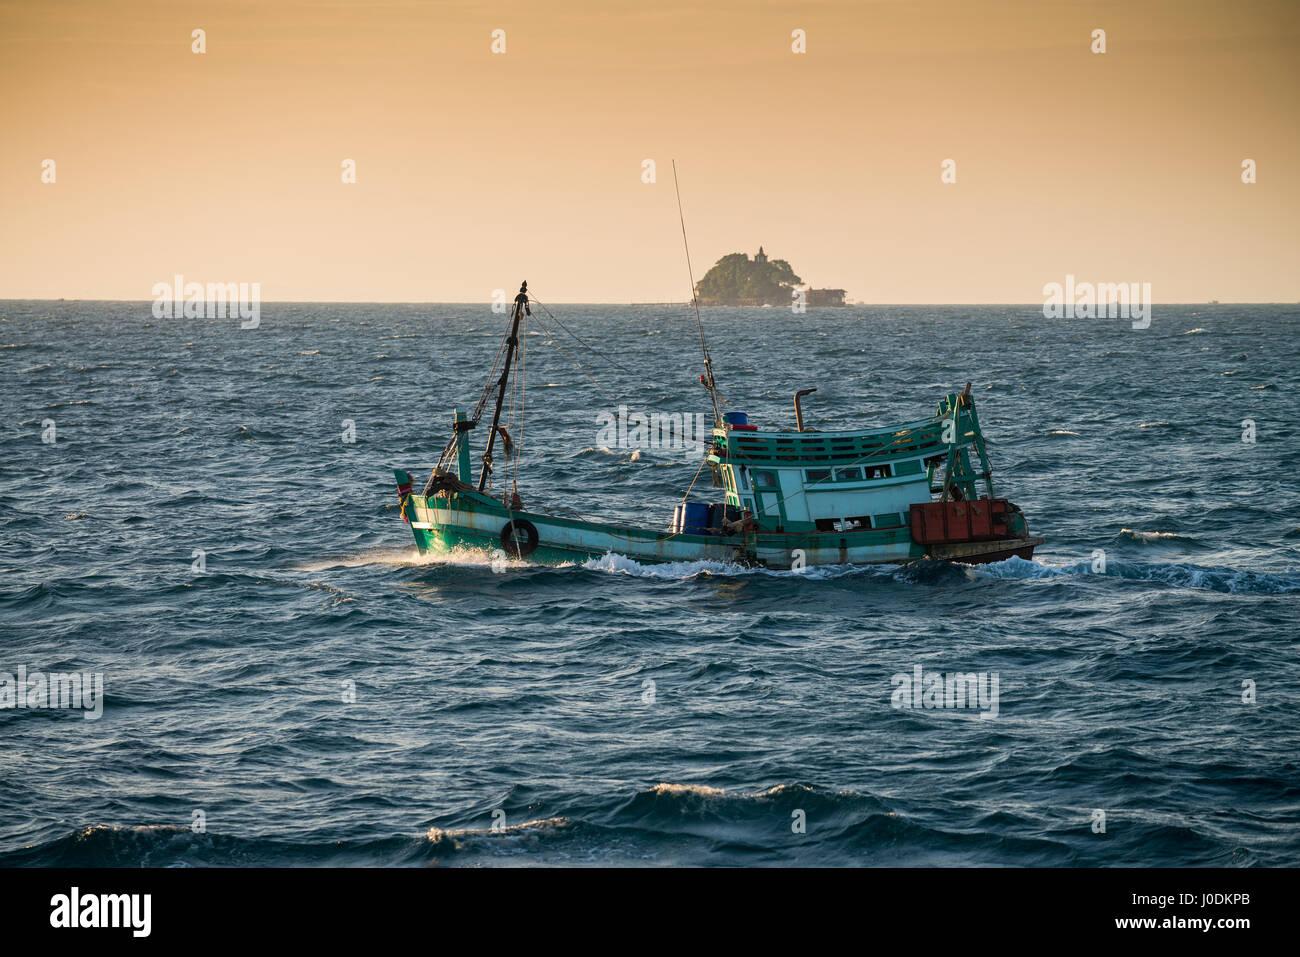 Fishing boat on the sea near Sihanoukville, Cambodia - Stock Image